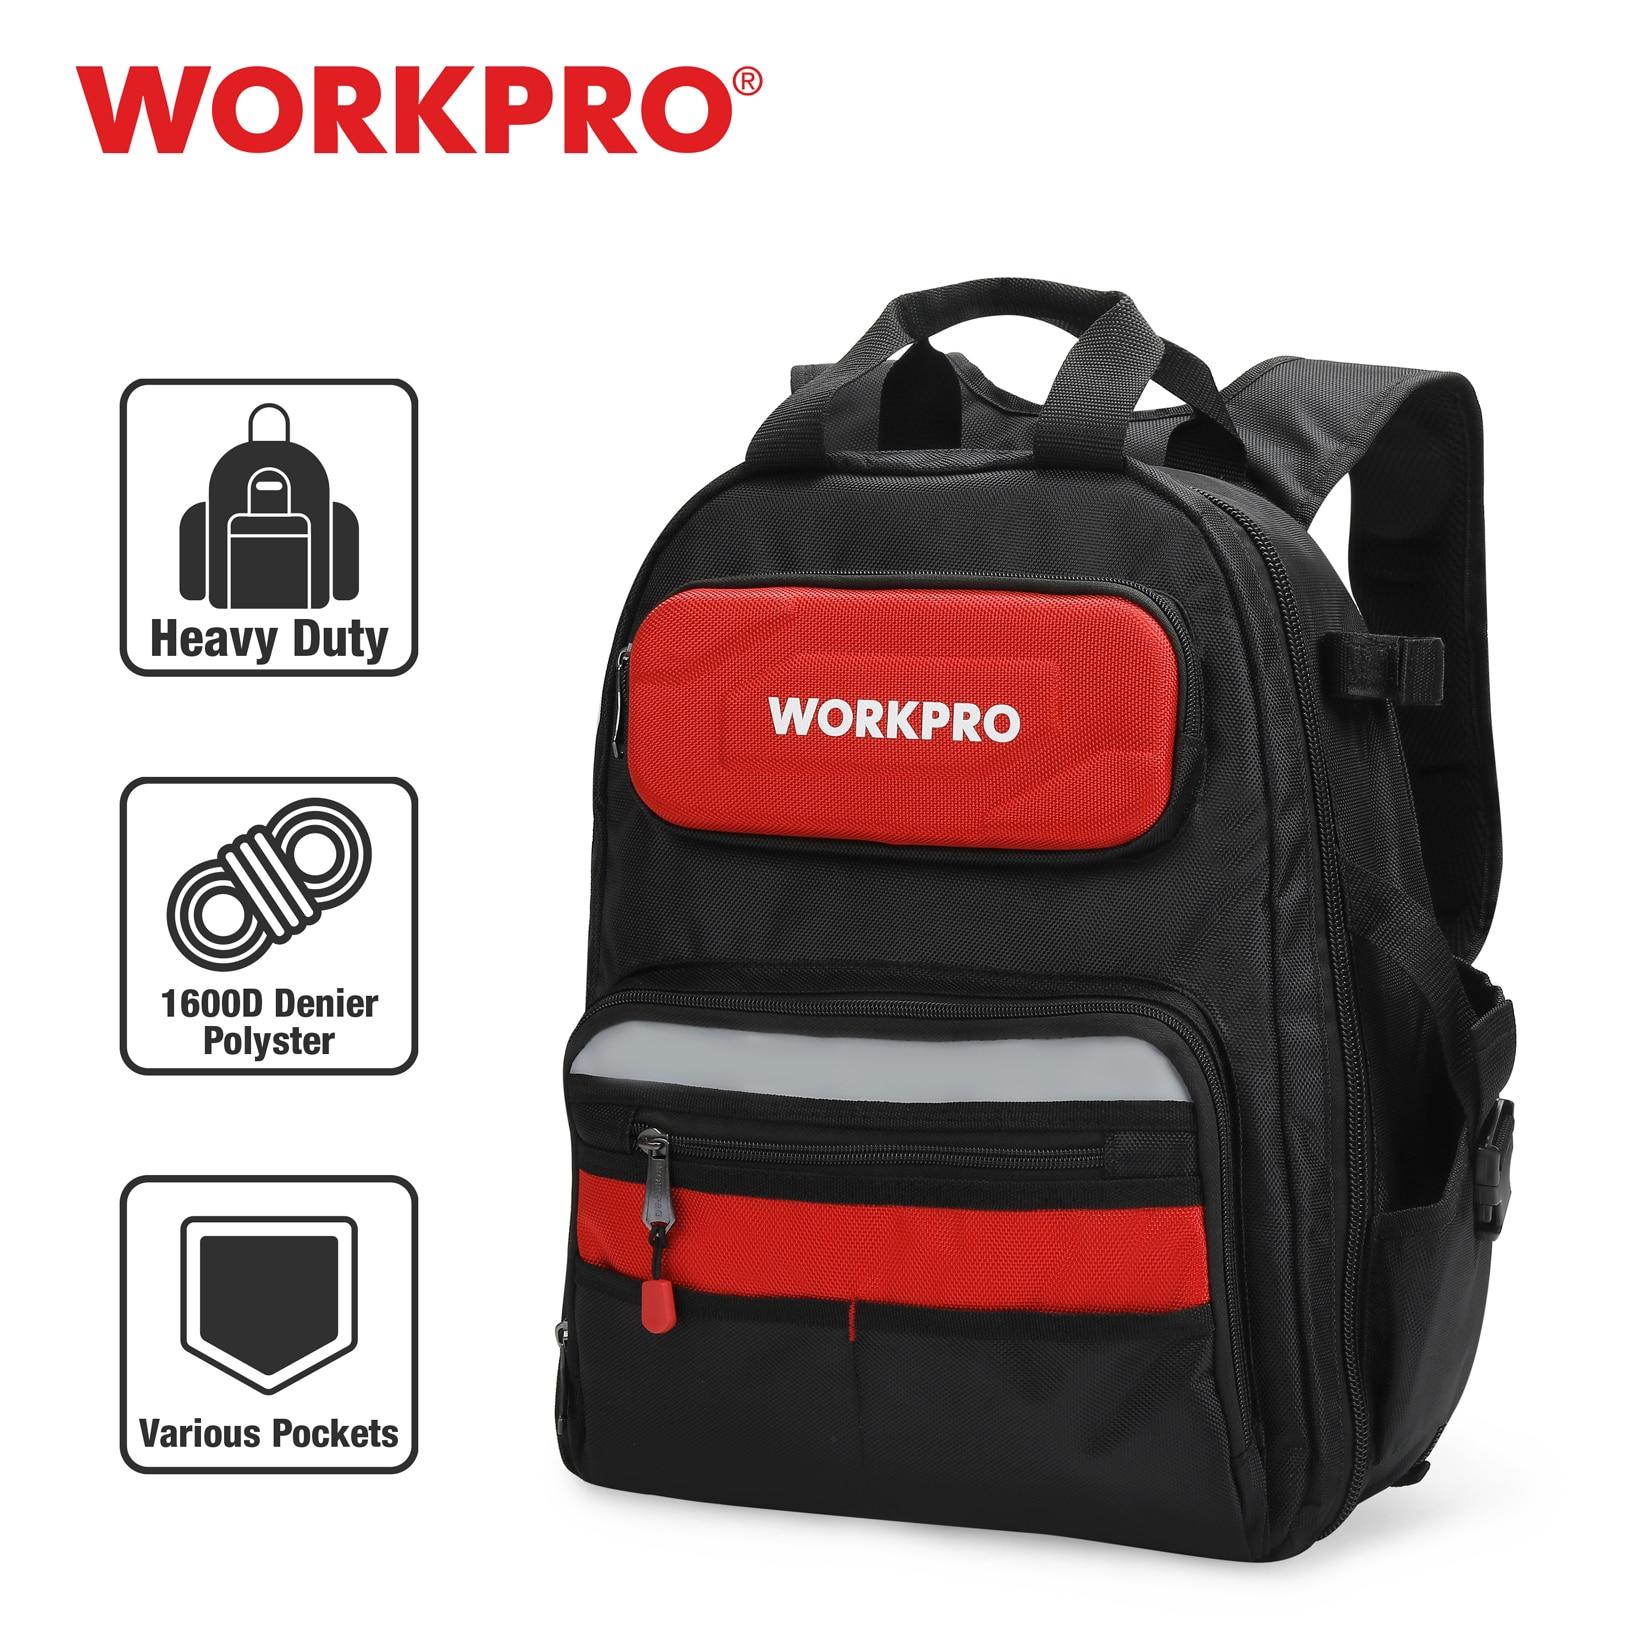 WORKPRO 2021 New Backpack Tradesman Organizer Bag Waterproof Tool Bags Multifunction Knapsack Toolbag